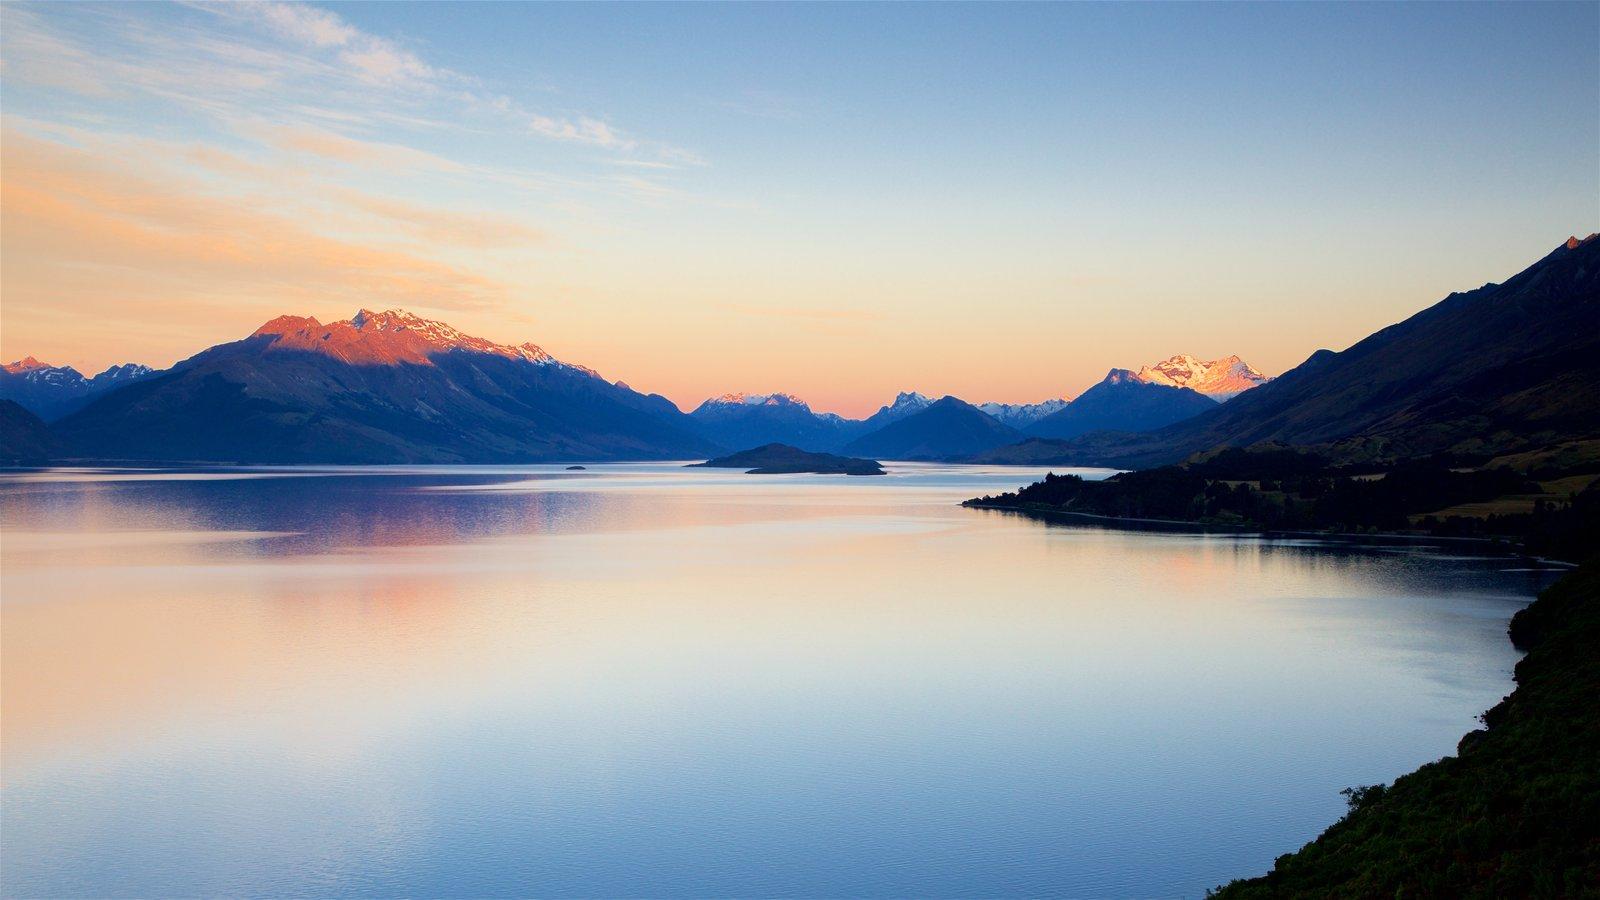 Lake Wakatipu featuring a lake or waterhole, mountains and a sunset